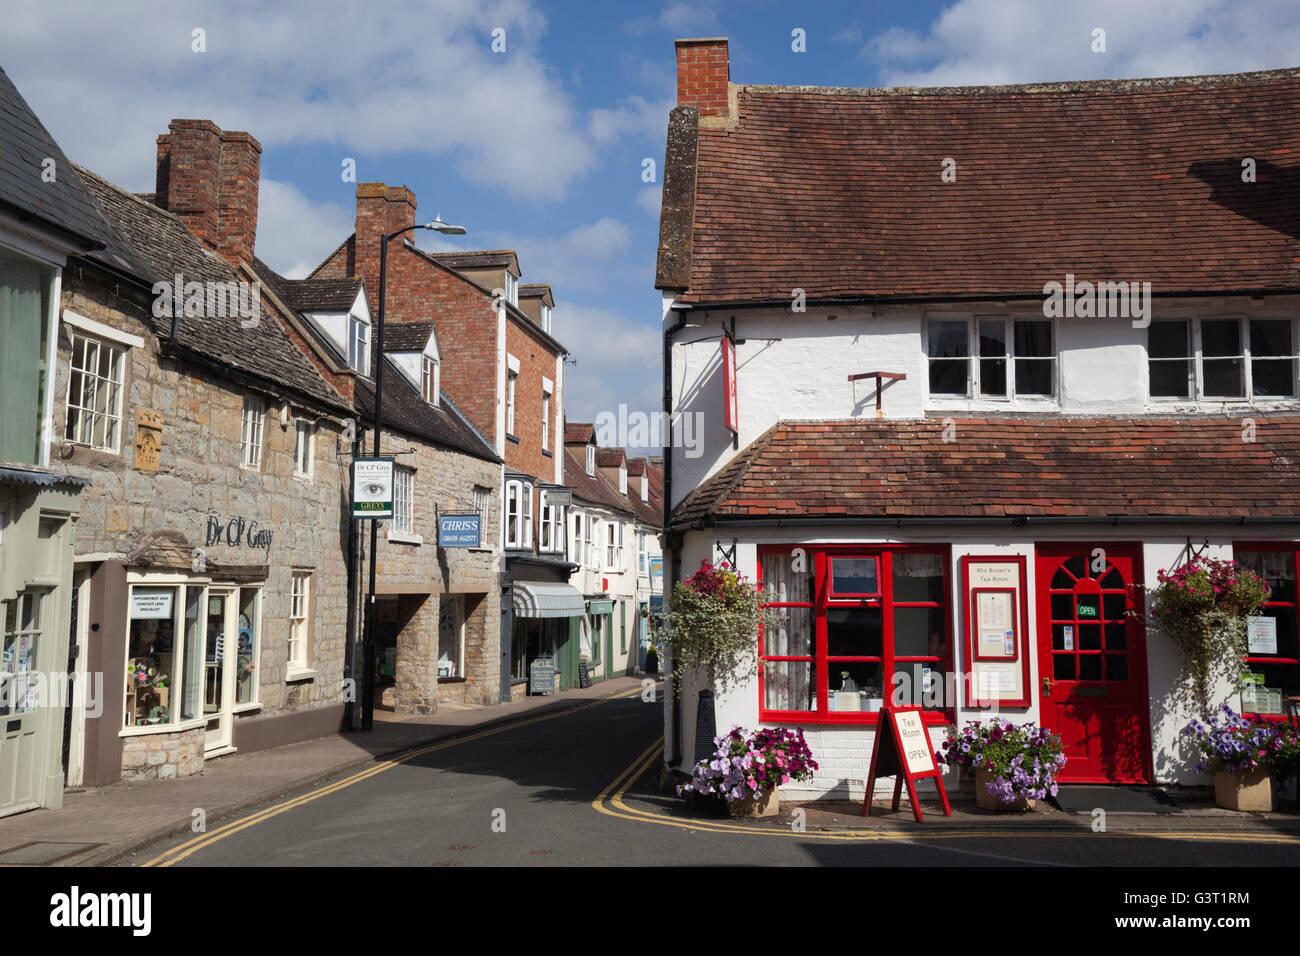 Frau Brown Tea Room und Blick entlang Sheep Street, Shipston auf Stour, Warwickshire, England, Vereinigtes Königreich, Stockbild